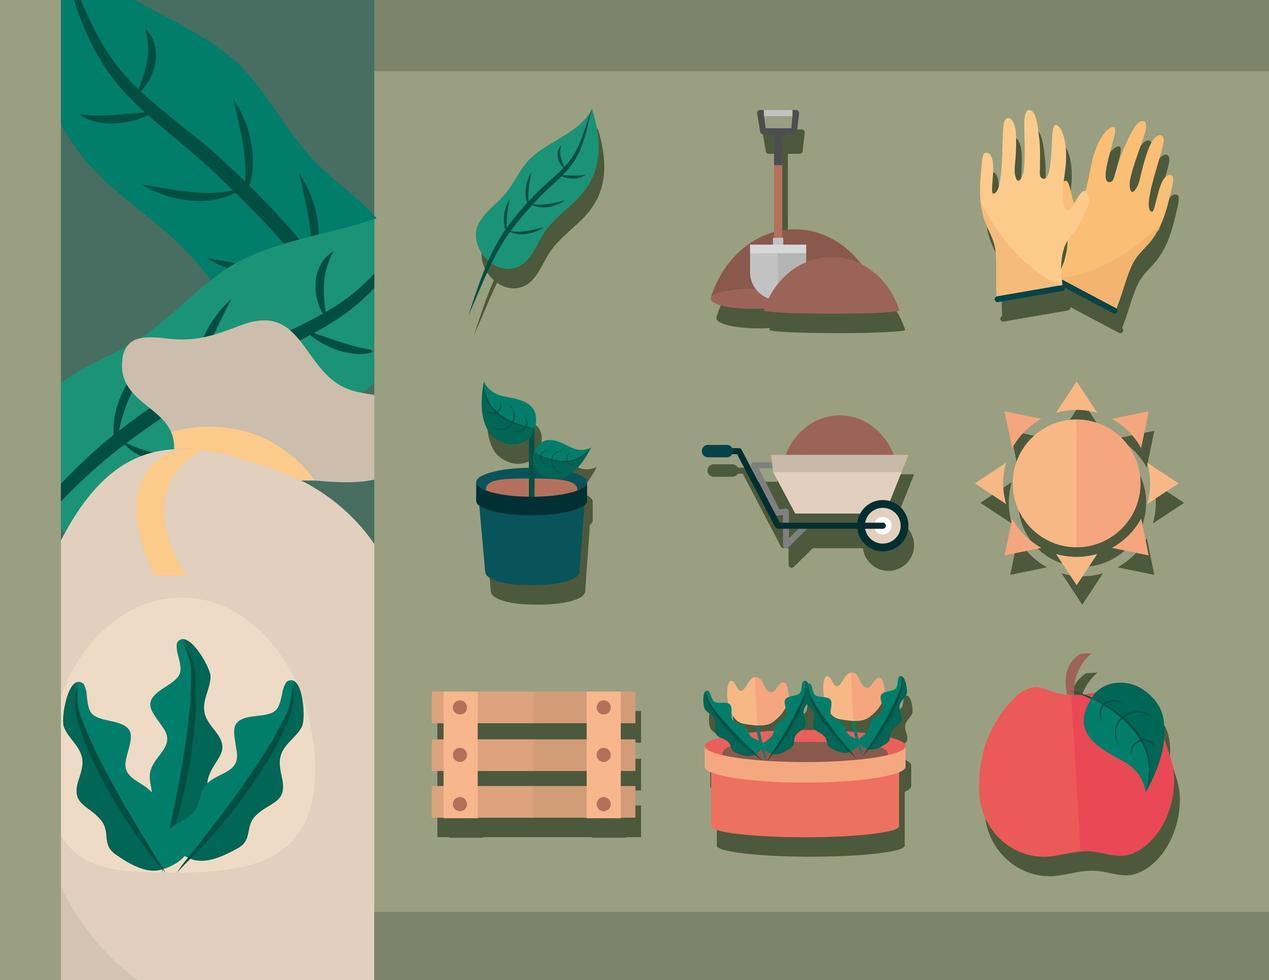 jardinería y cosecha colección de iconos planos vector